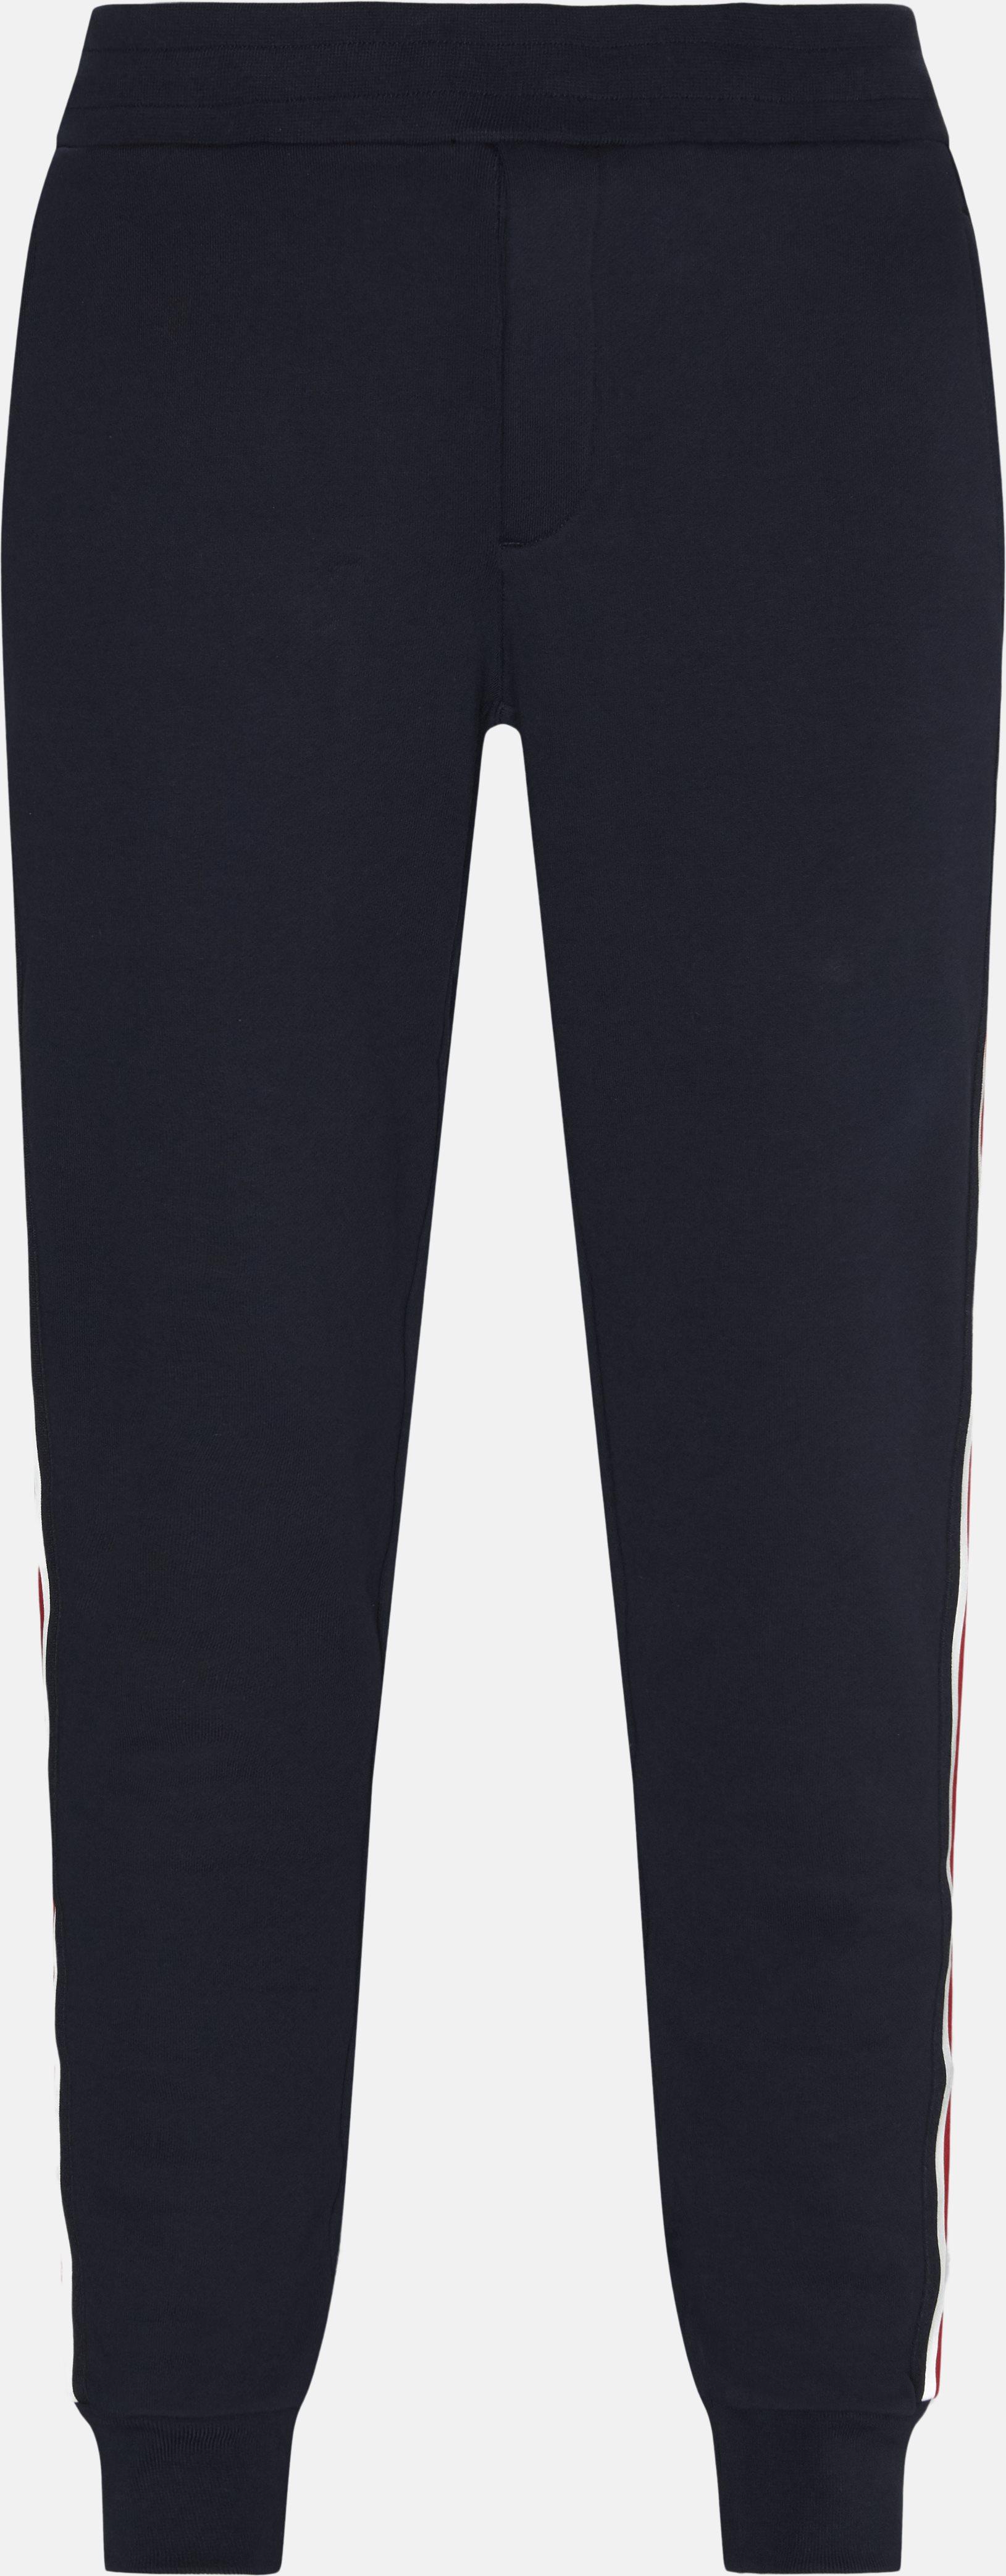 Sweatpants - Bukser - Regular fit - Blå